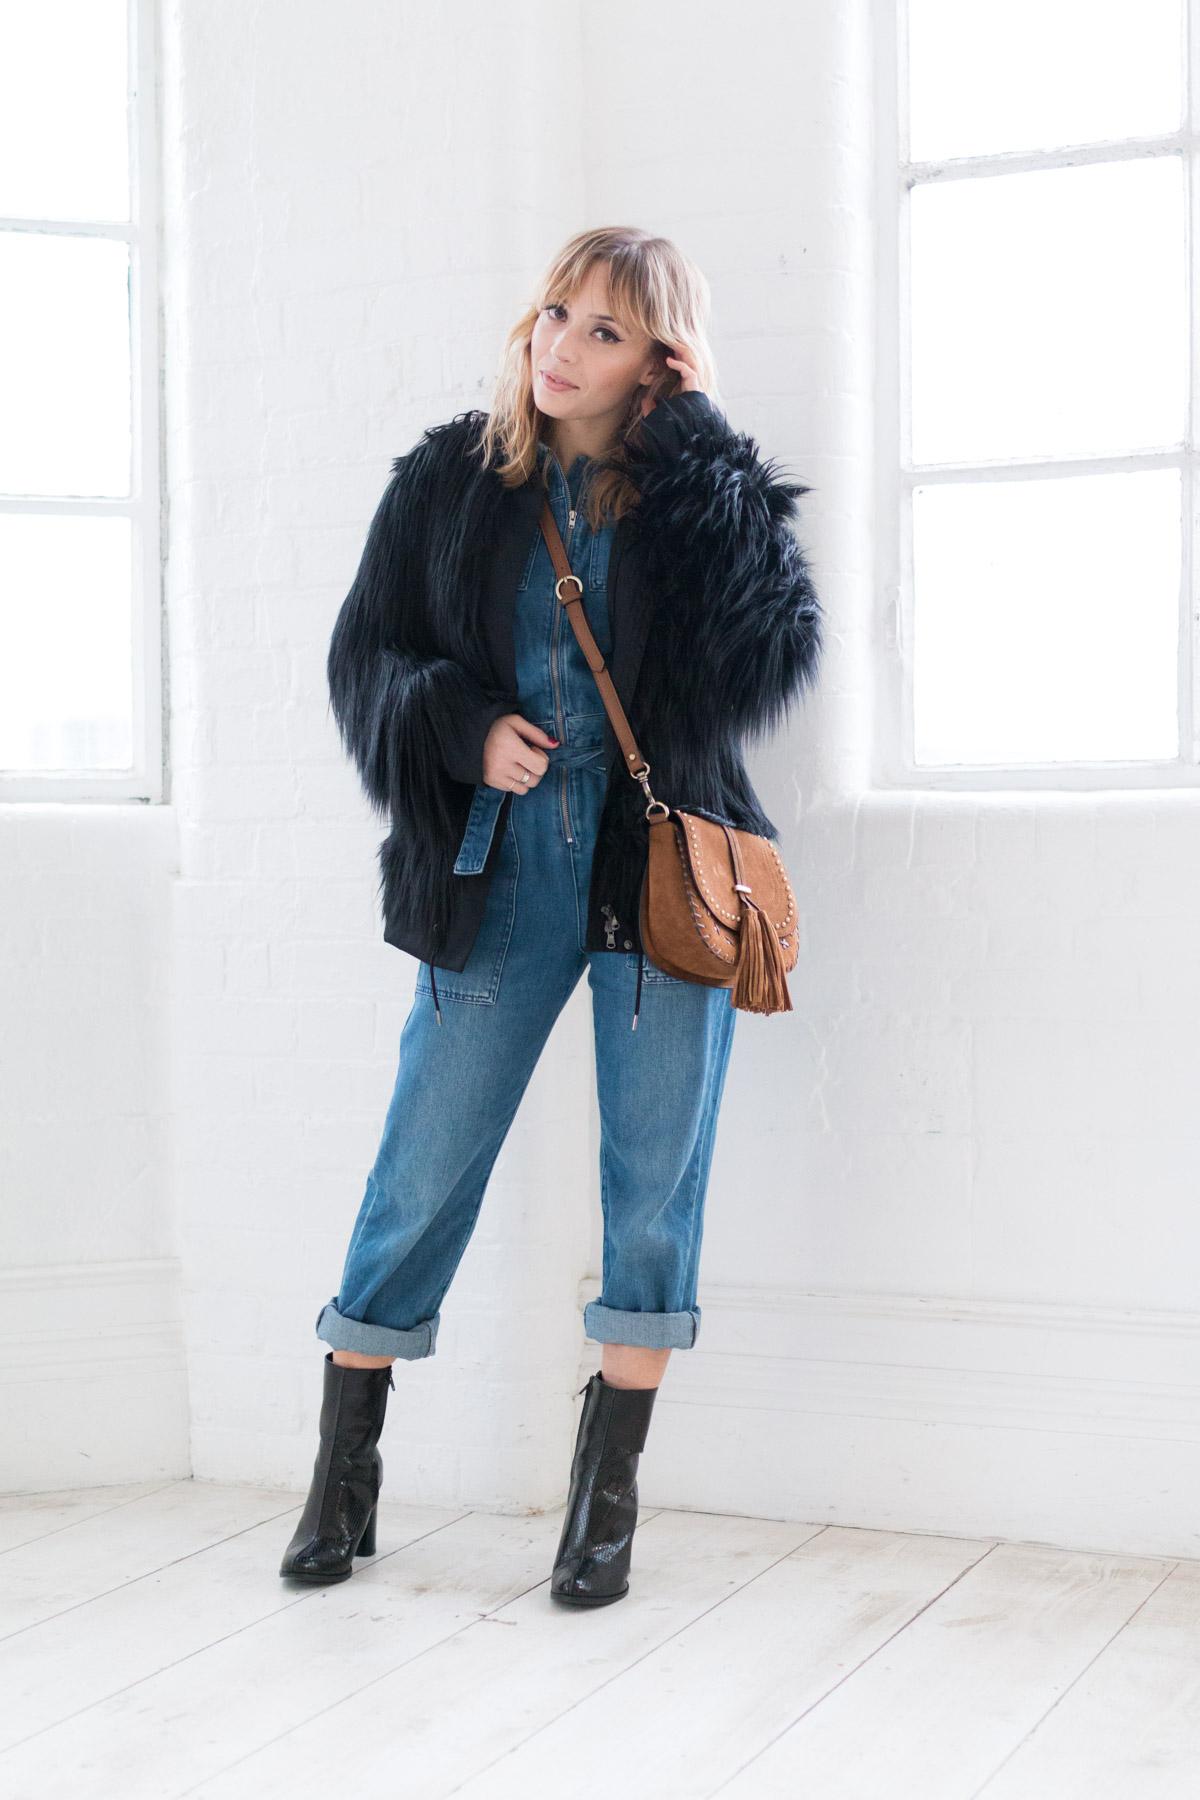 Combinaison en jean et manteau fausse fourrure I Sp4nkblog-4